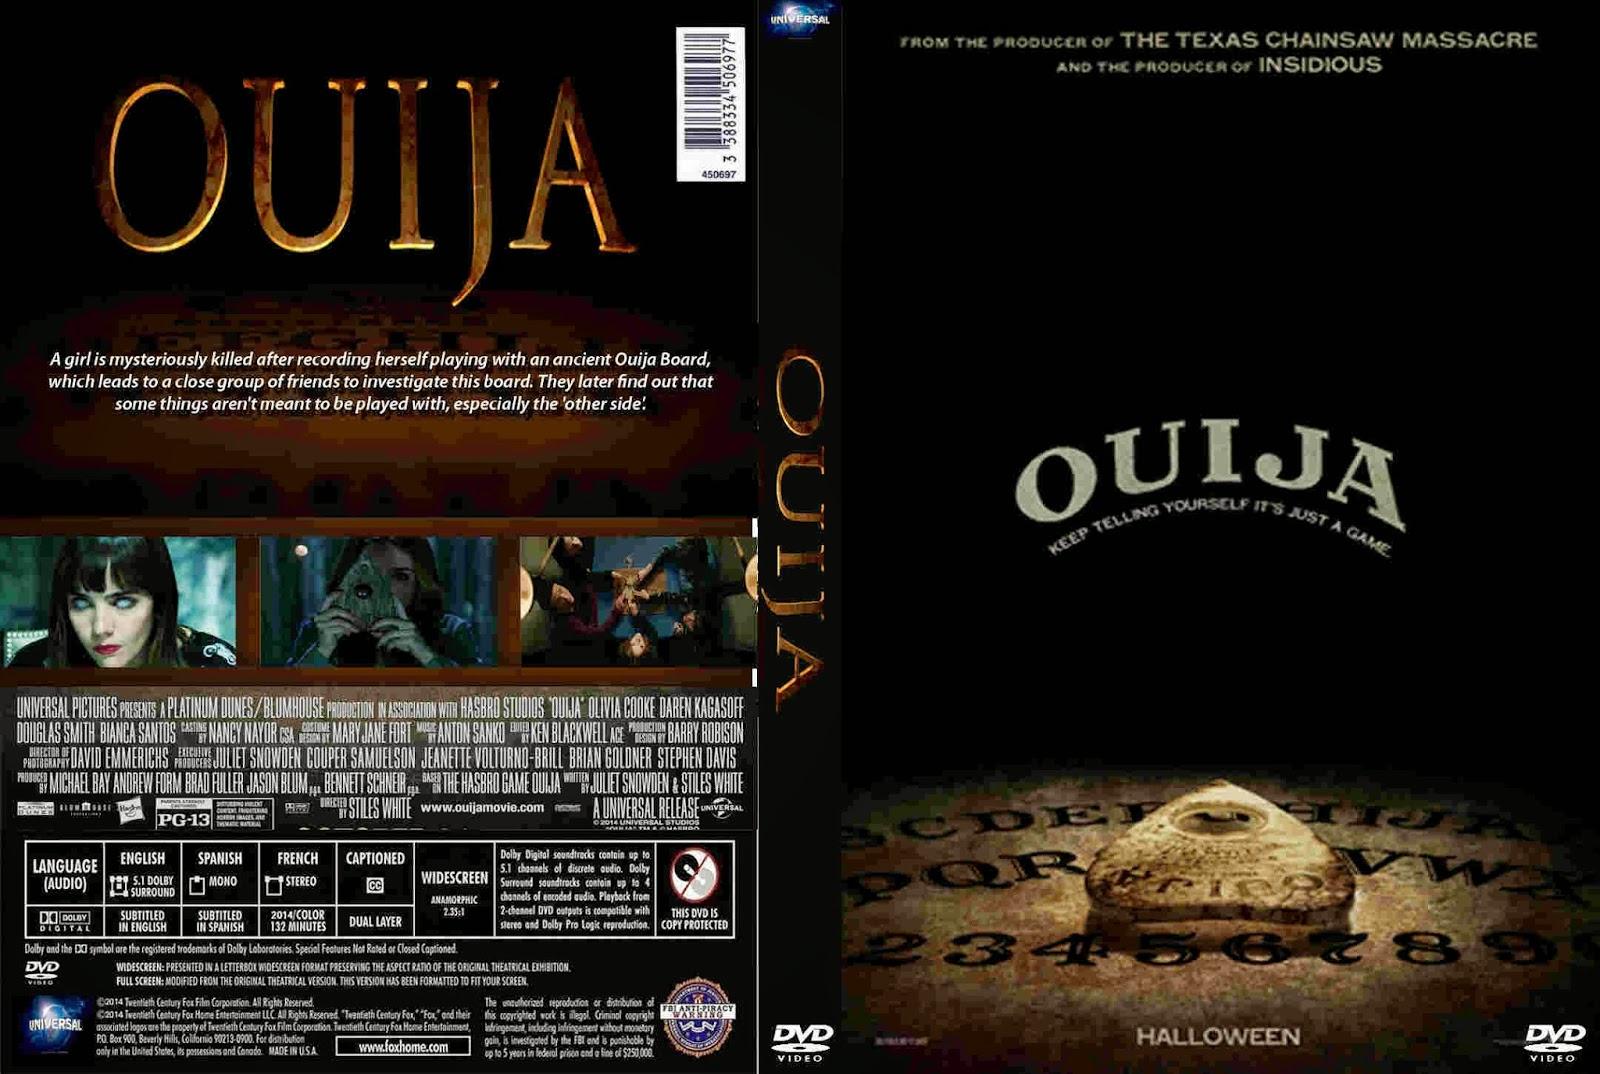 ouija 2016 movie reviews